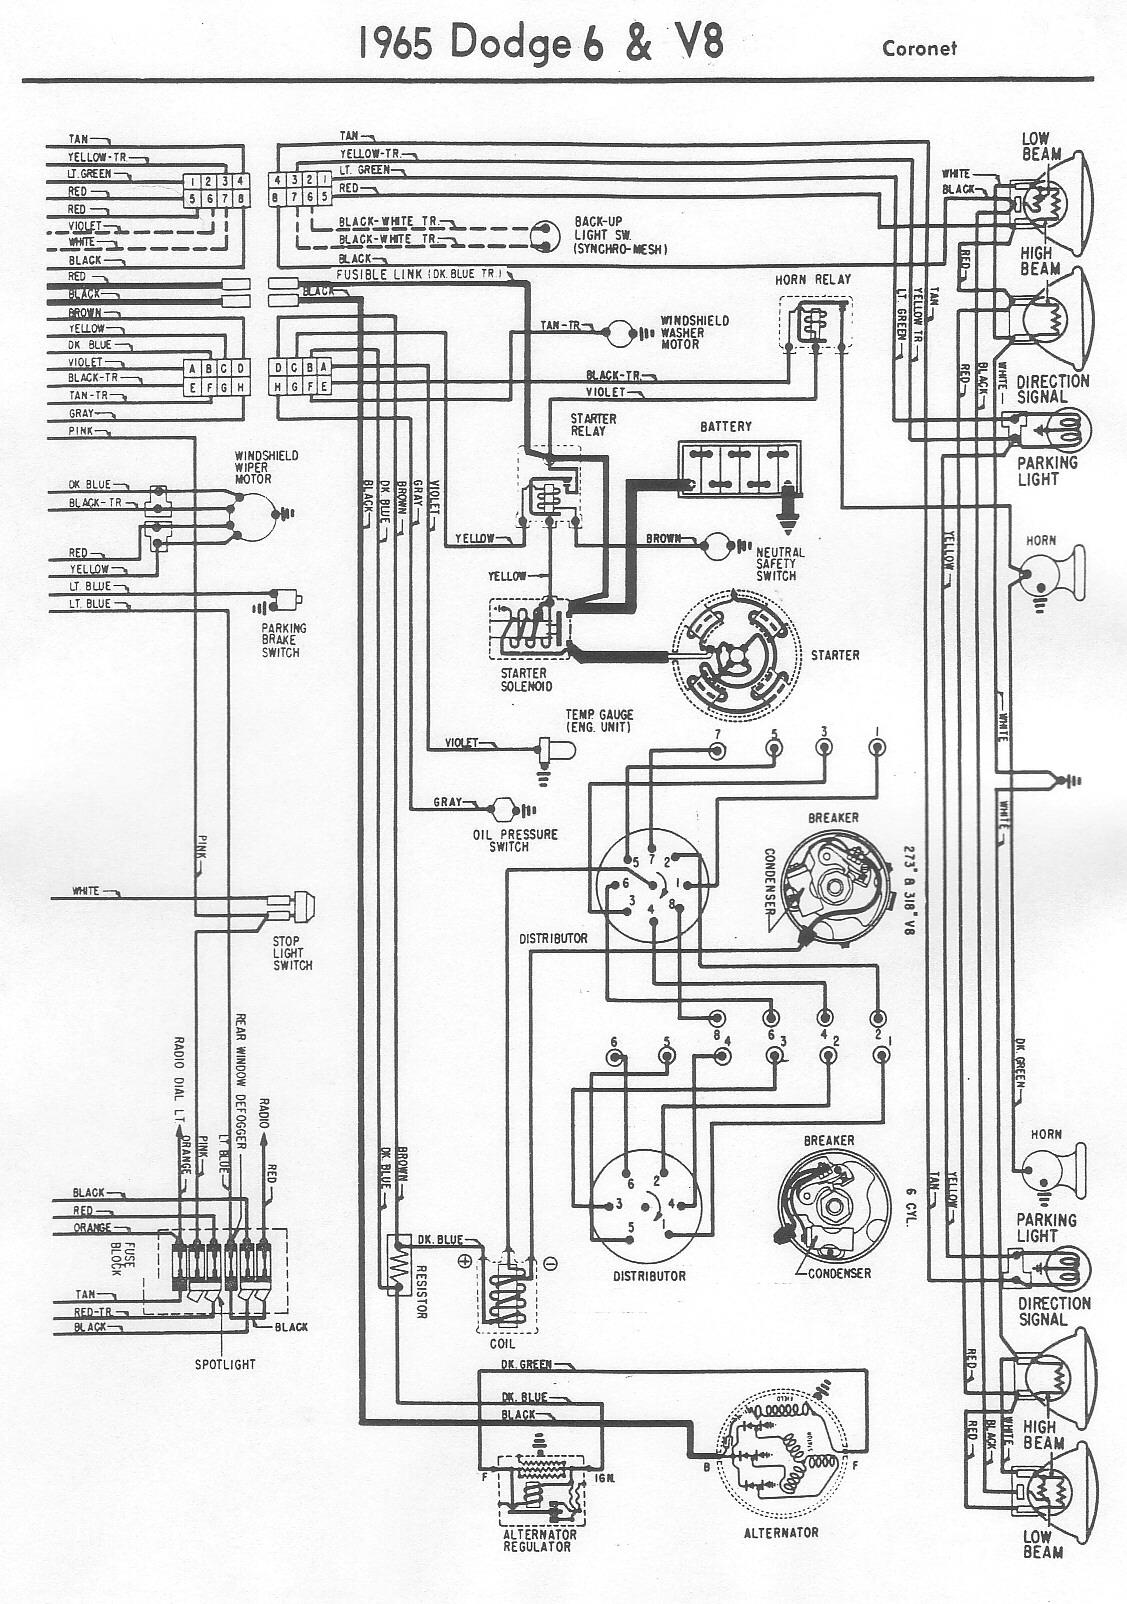 medium resolution of 1966 dodge wiring diagram wiring diagram blogs 2012 dodge charger pcm wiring diagram 1966 dodge wiring